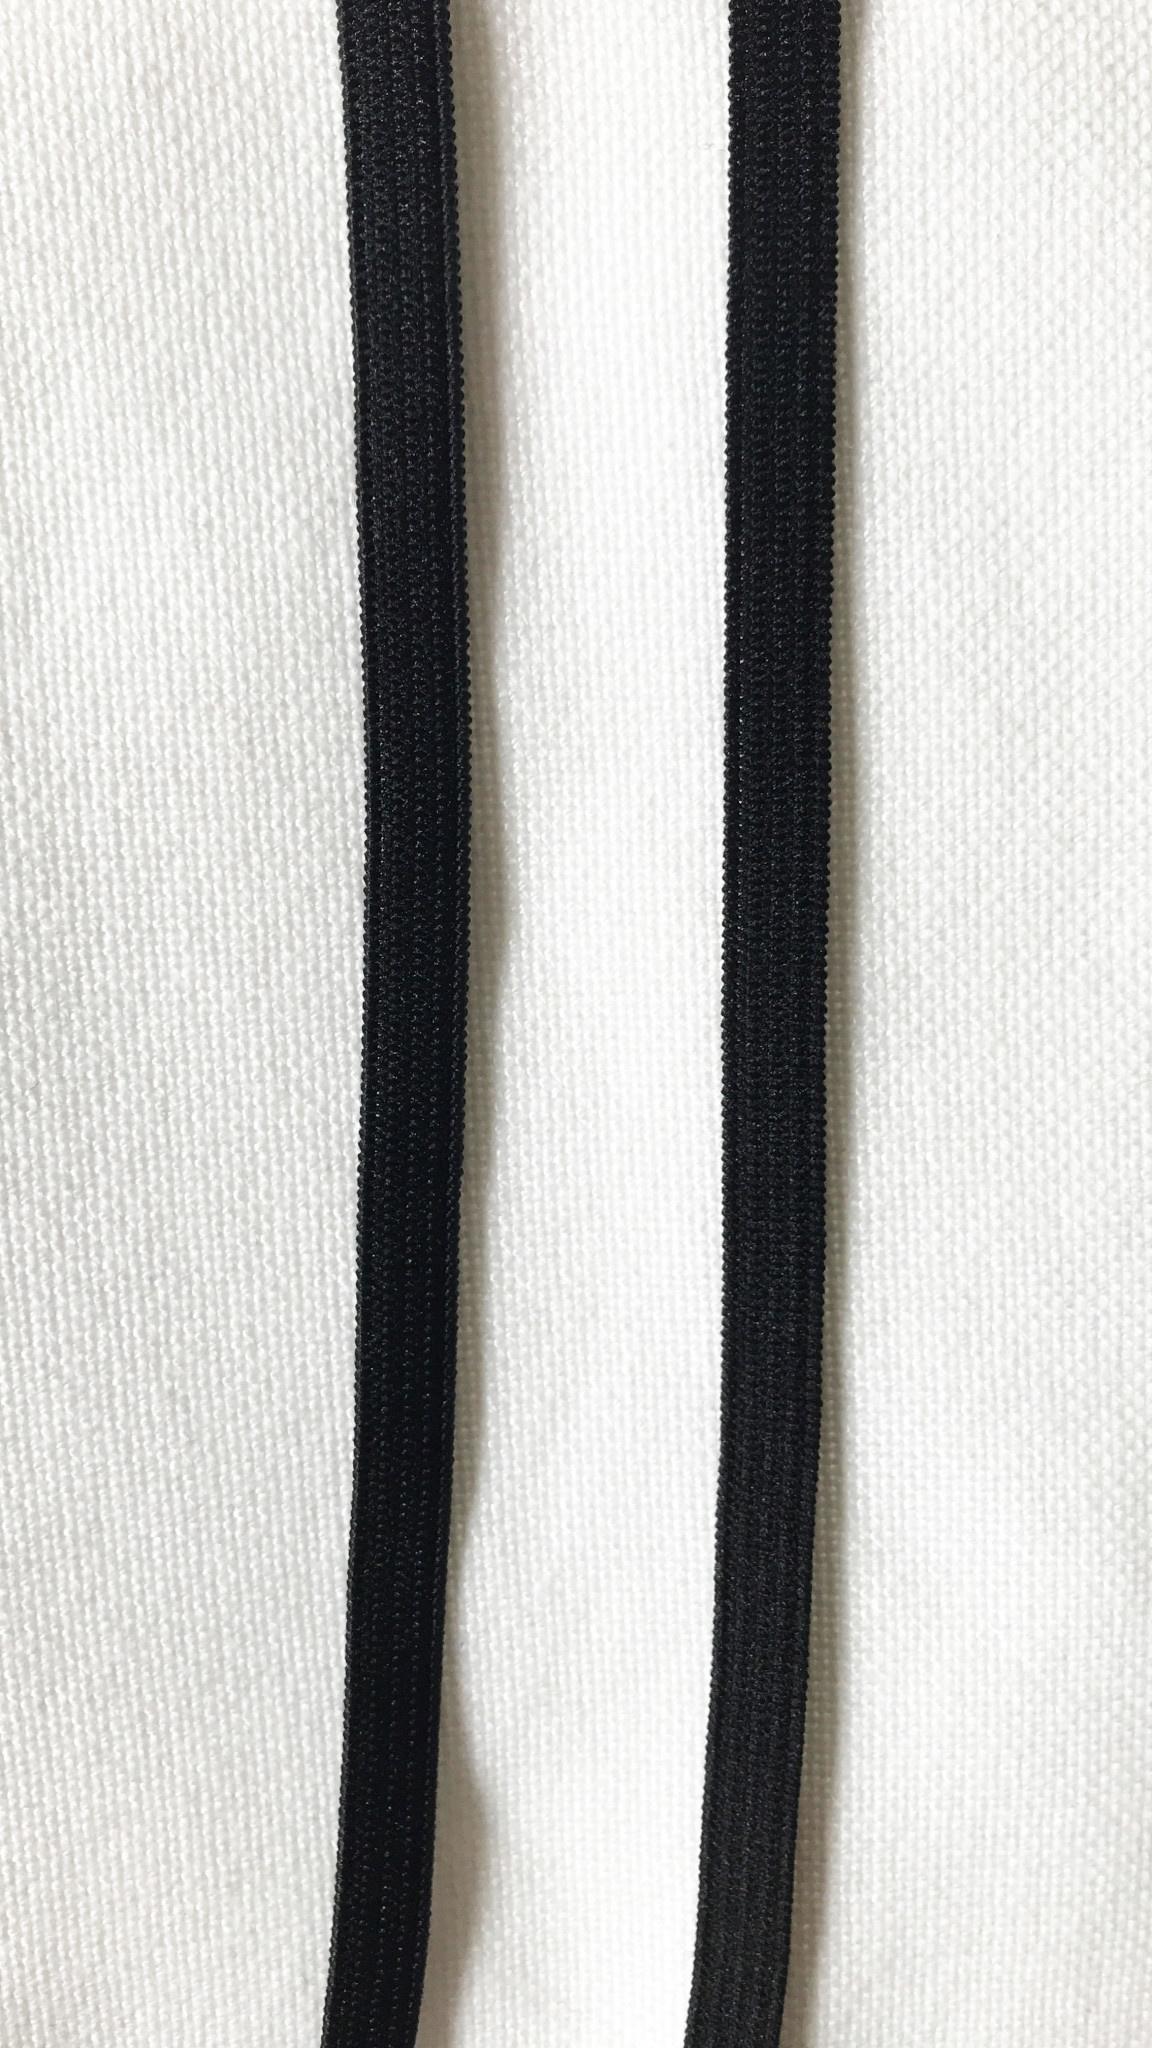 Élastique noir - 8 mm - 1 mètre